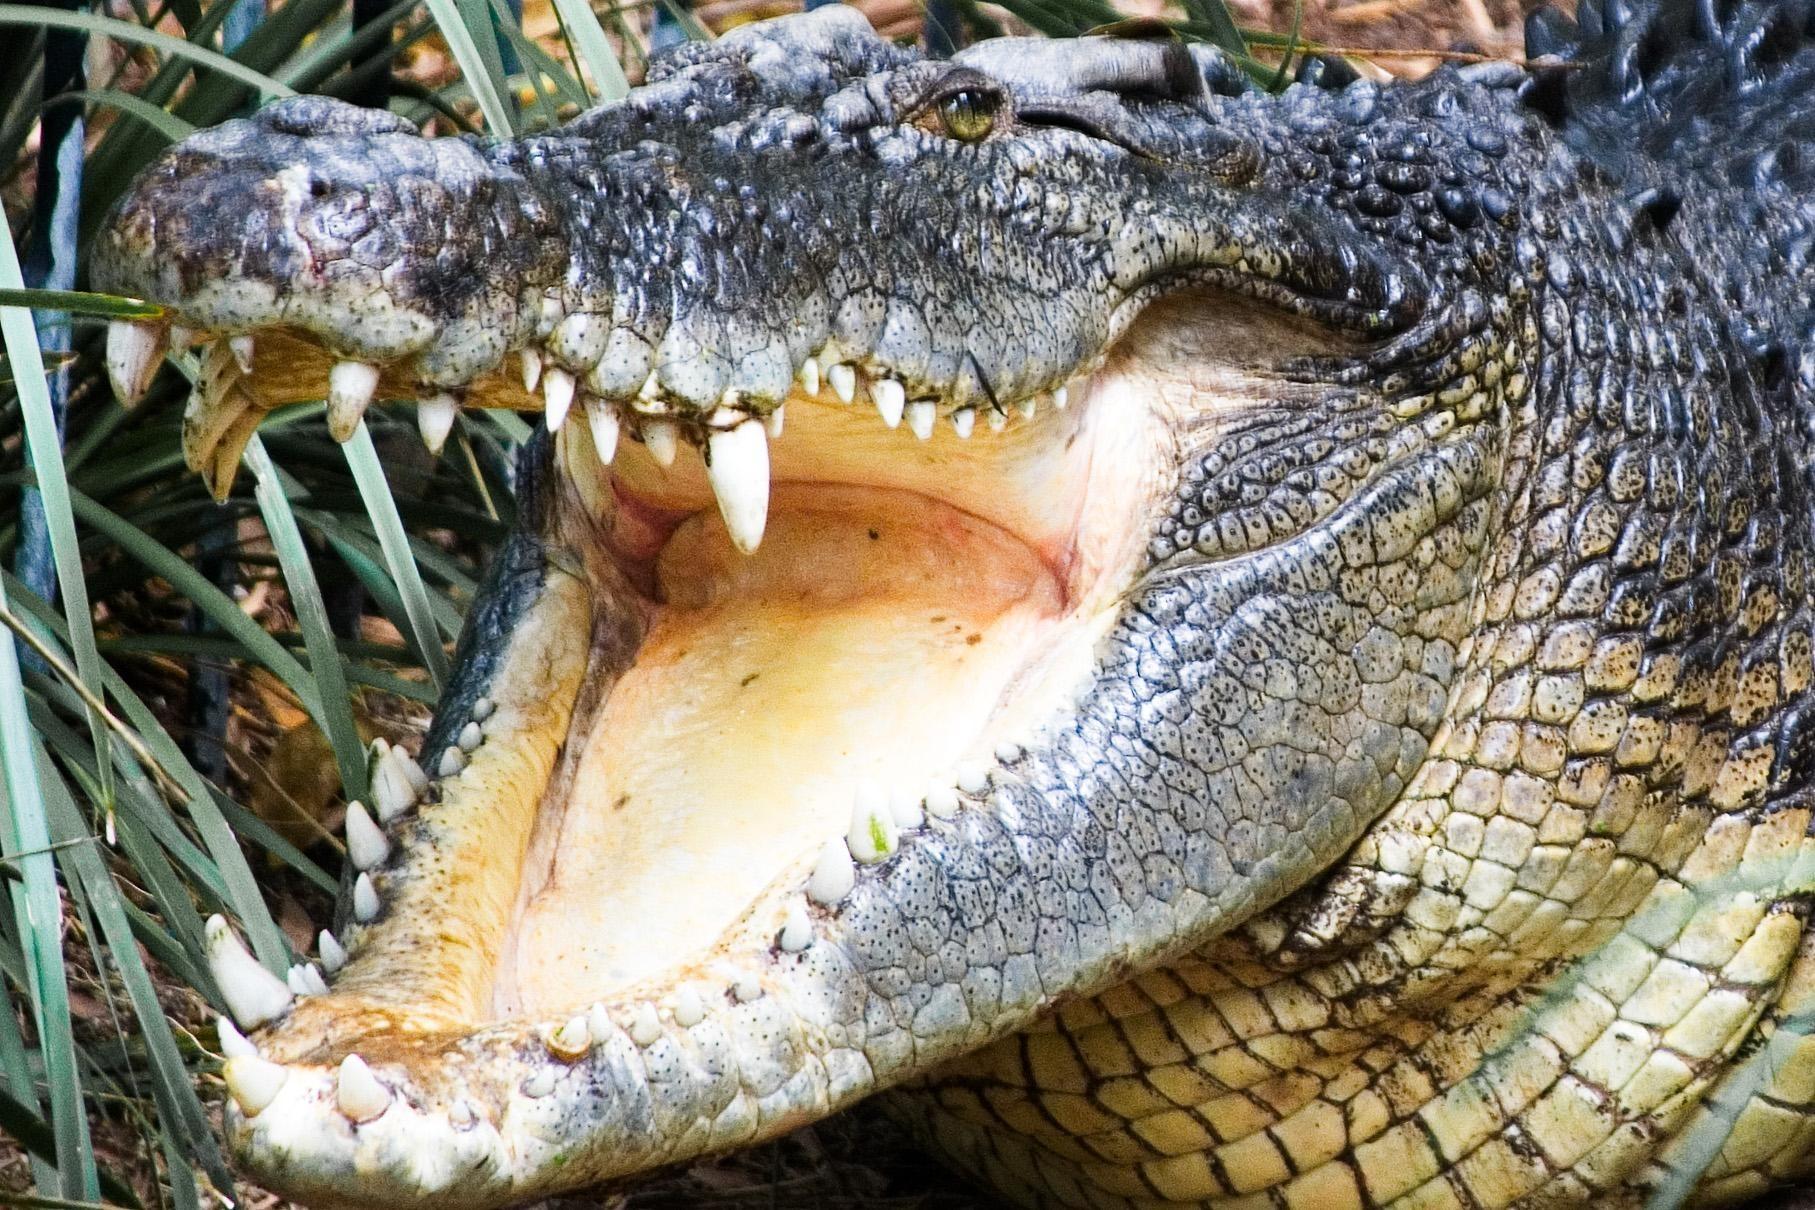 15удивительных особенностей животных, которые могут поразить по-настоящему